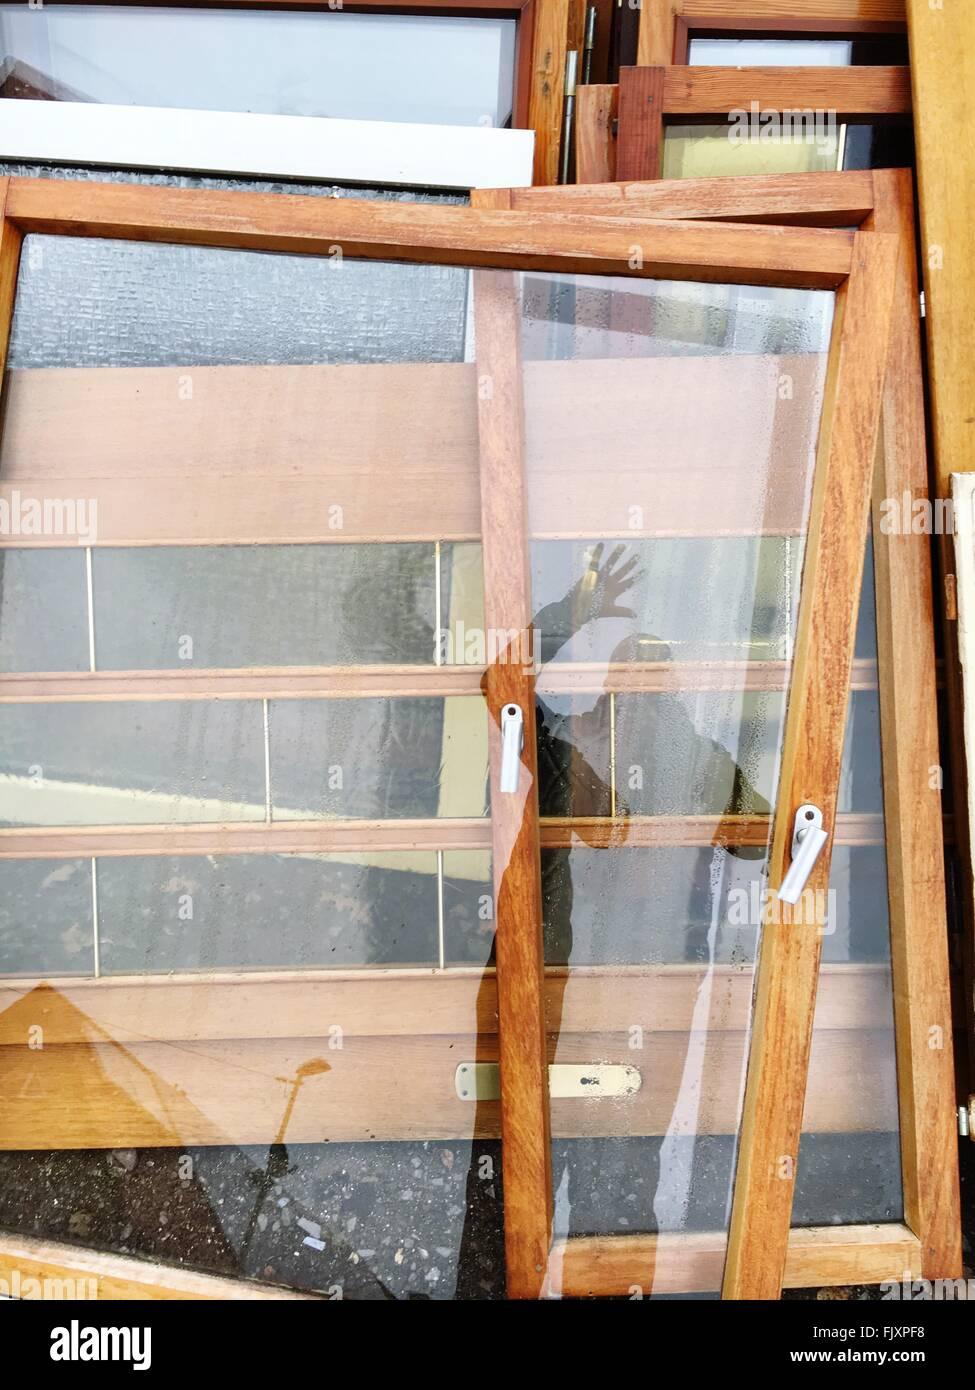 La réflexion de l'homme sur porte en verre à l'atelier Photo Stock